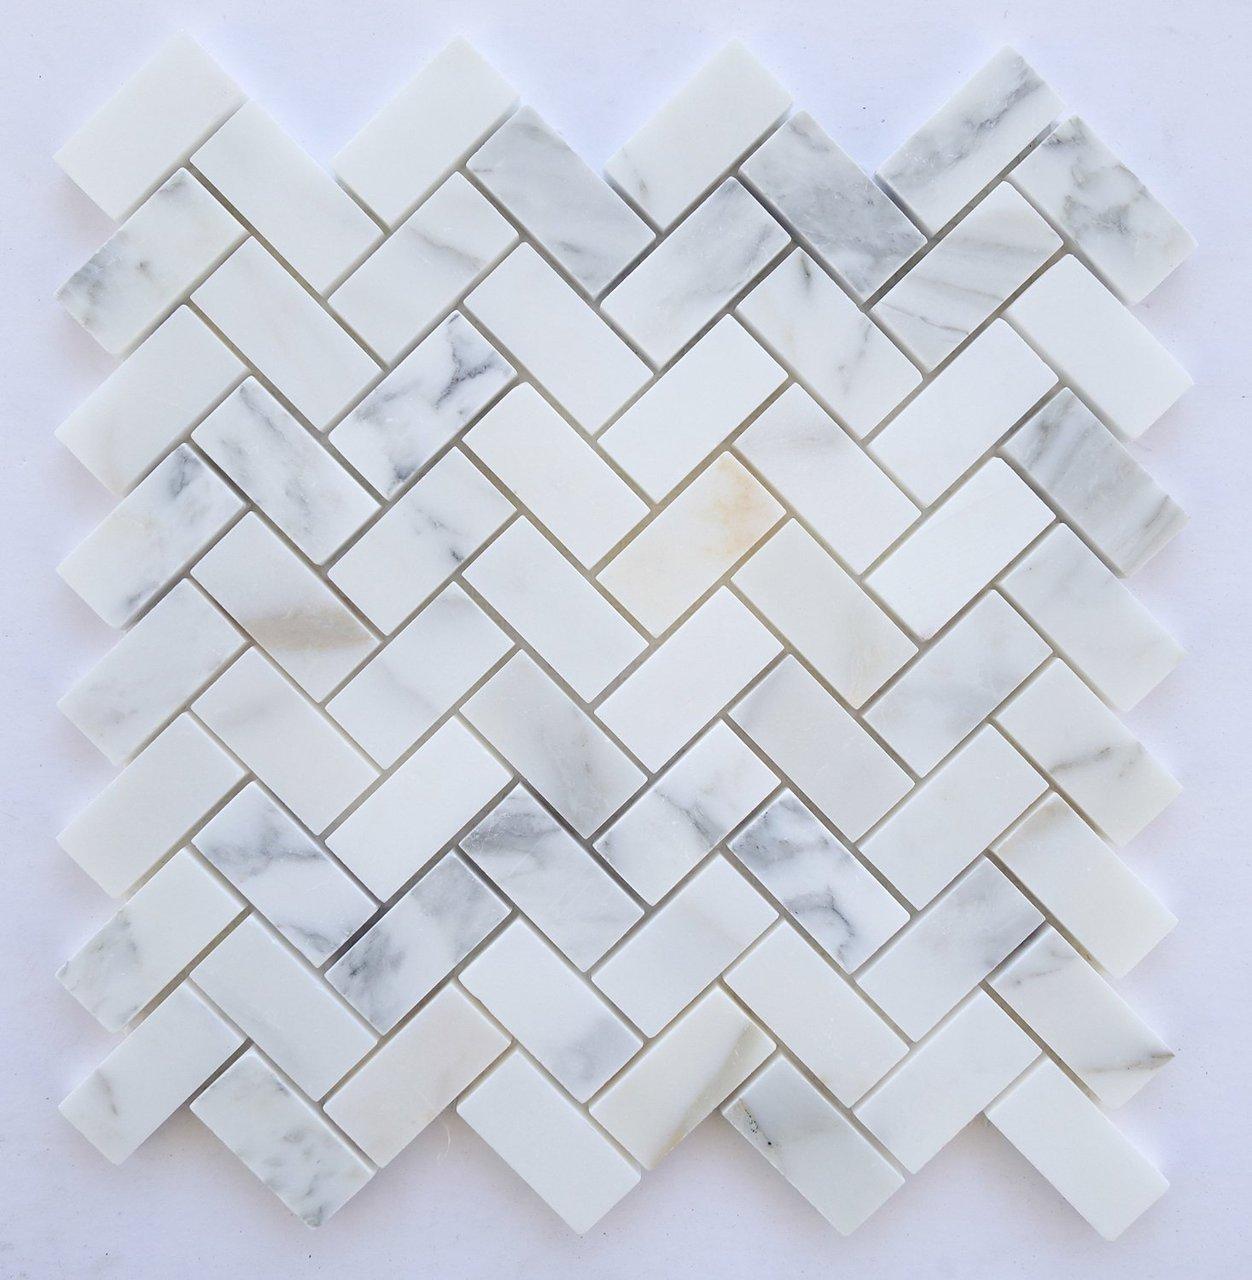 Calacatta Marble Polished 1 215 2 Herringbone Mosaics